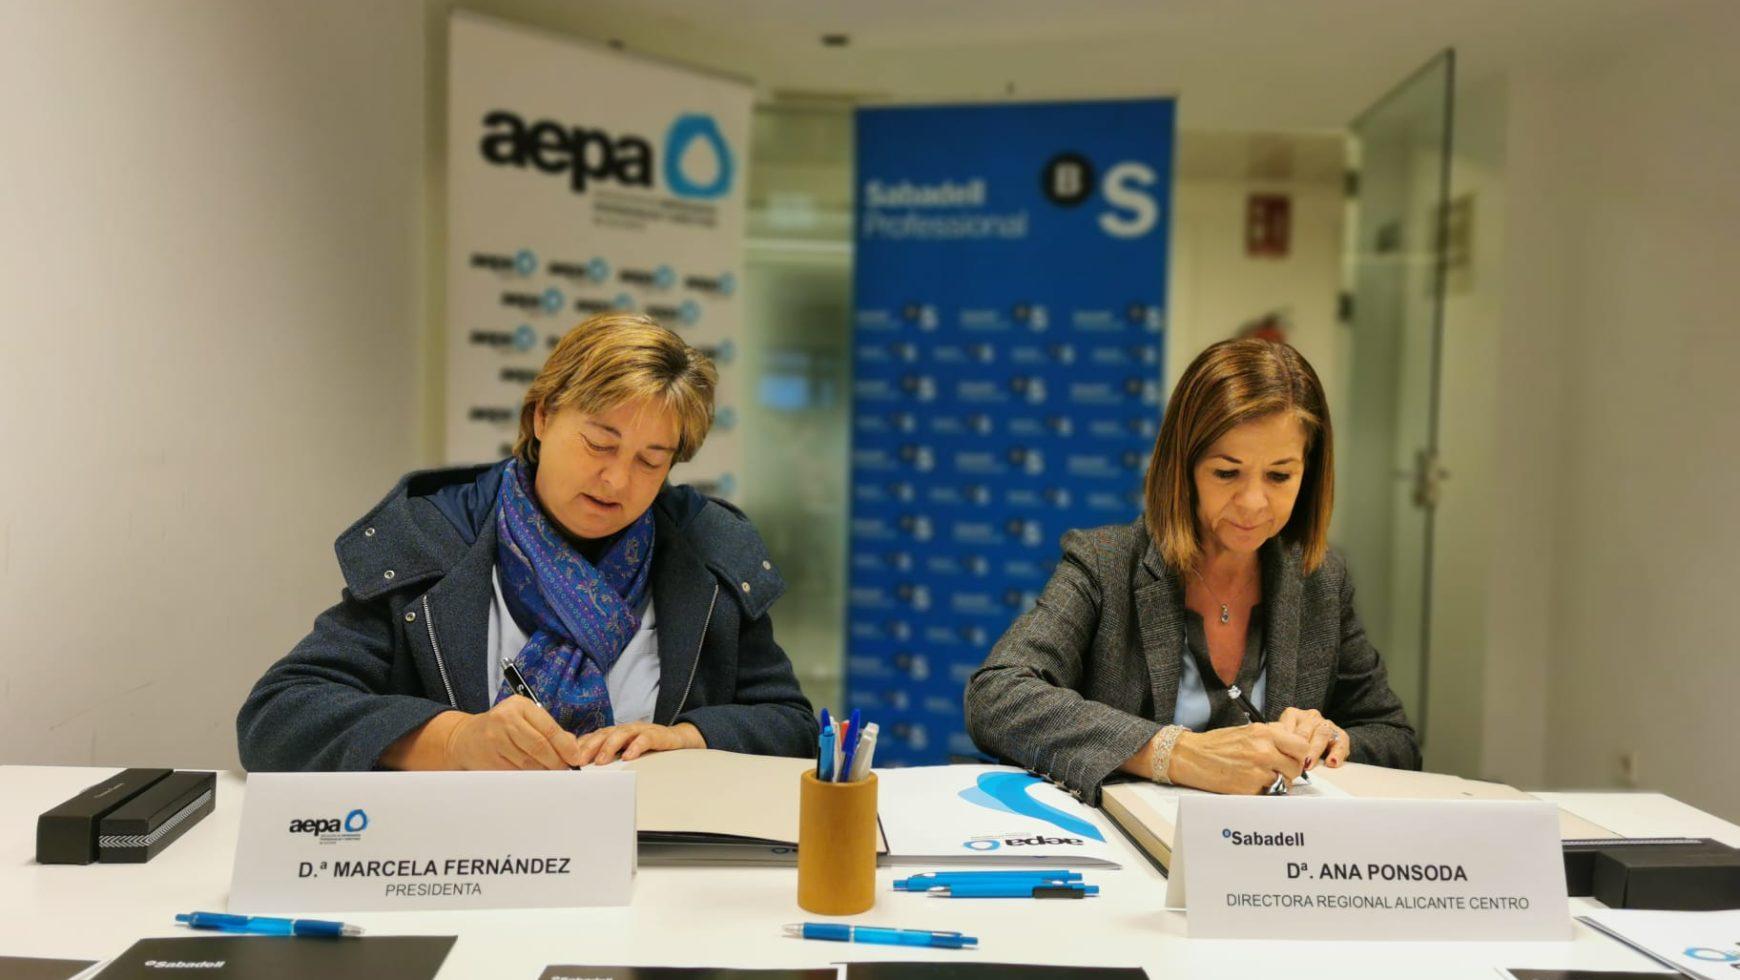 Información sobre los beneficios para asociadas del Banco de Sabadell